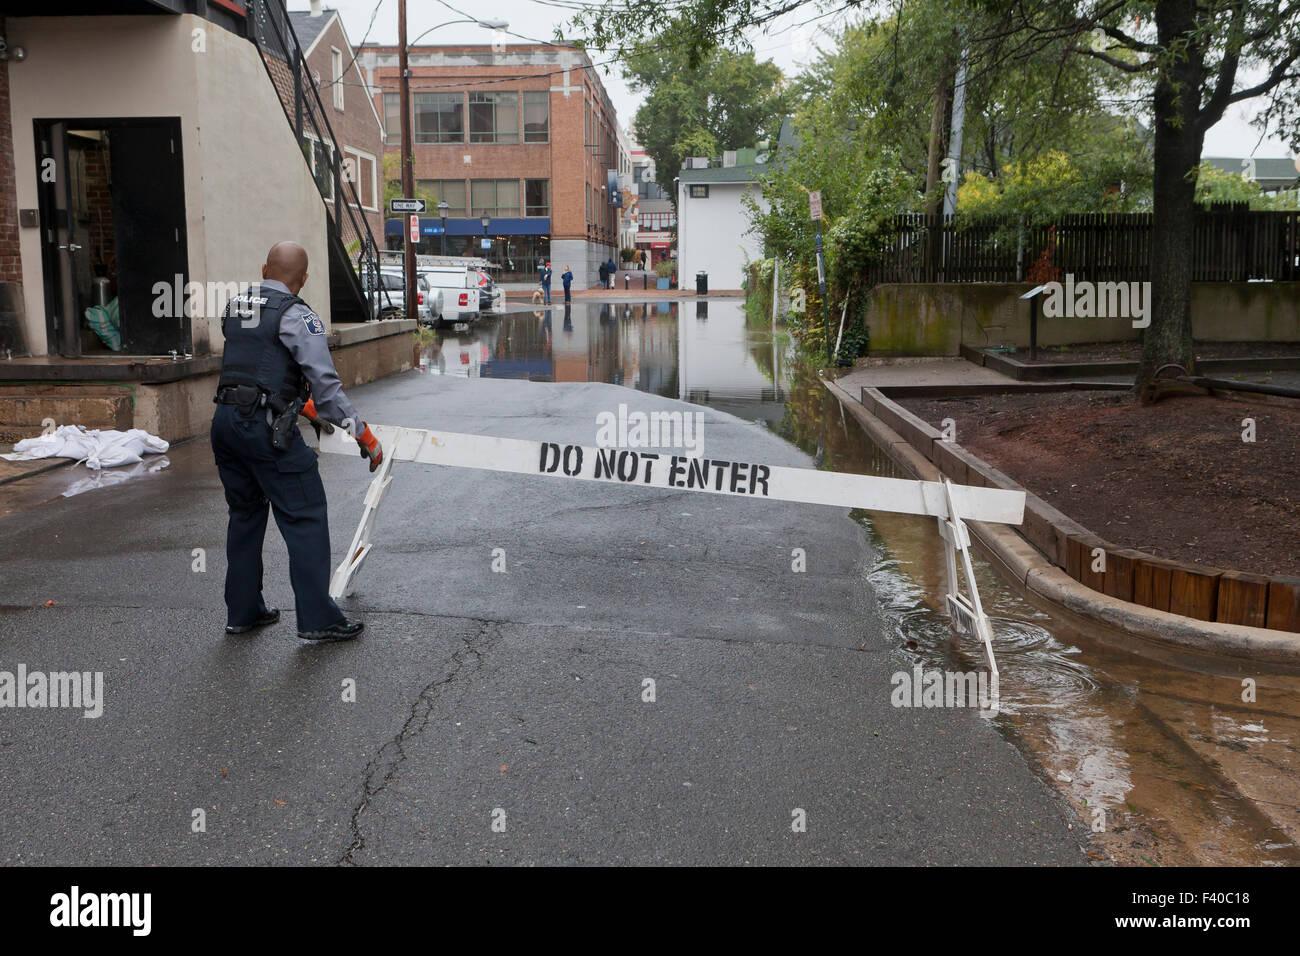 Poliziotto blocco stradale allagato - Alexandria, Virginia, Stati Uniti d'America Immagini Stock